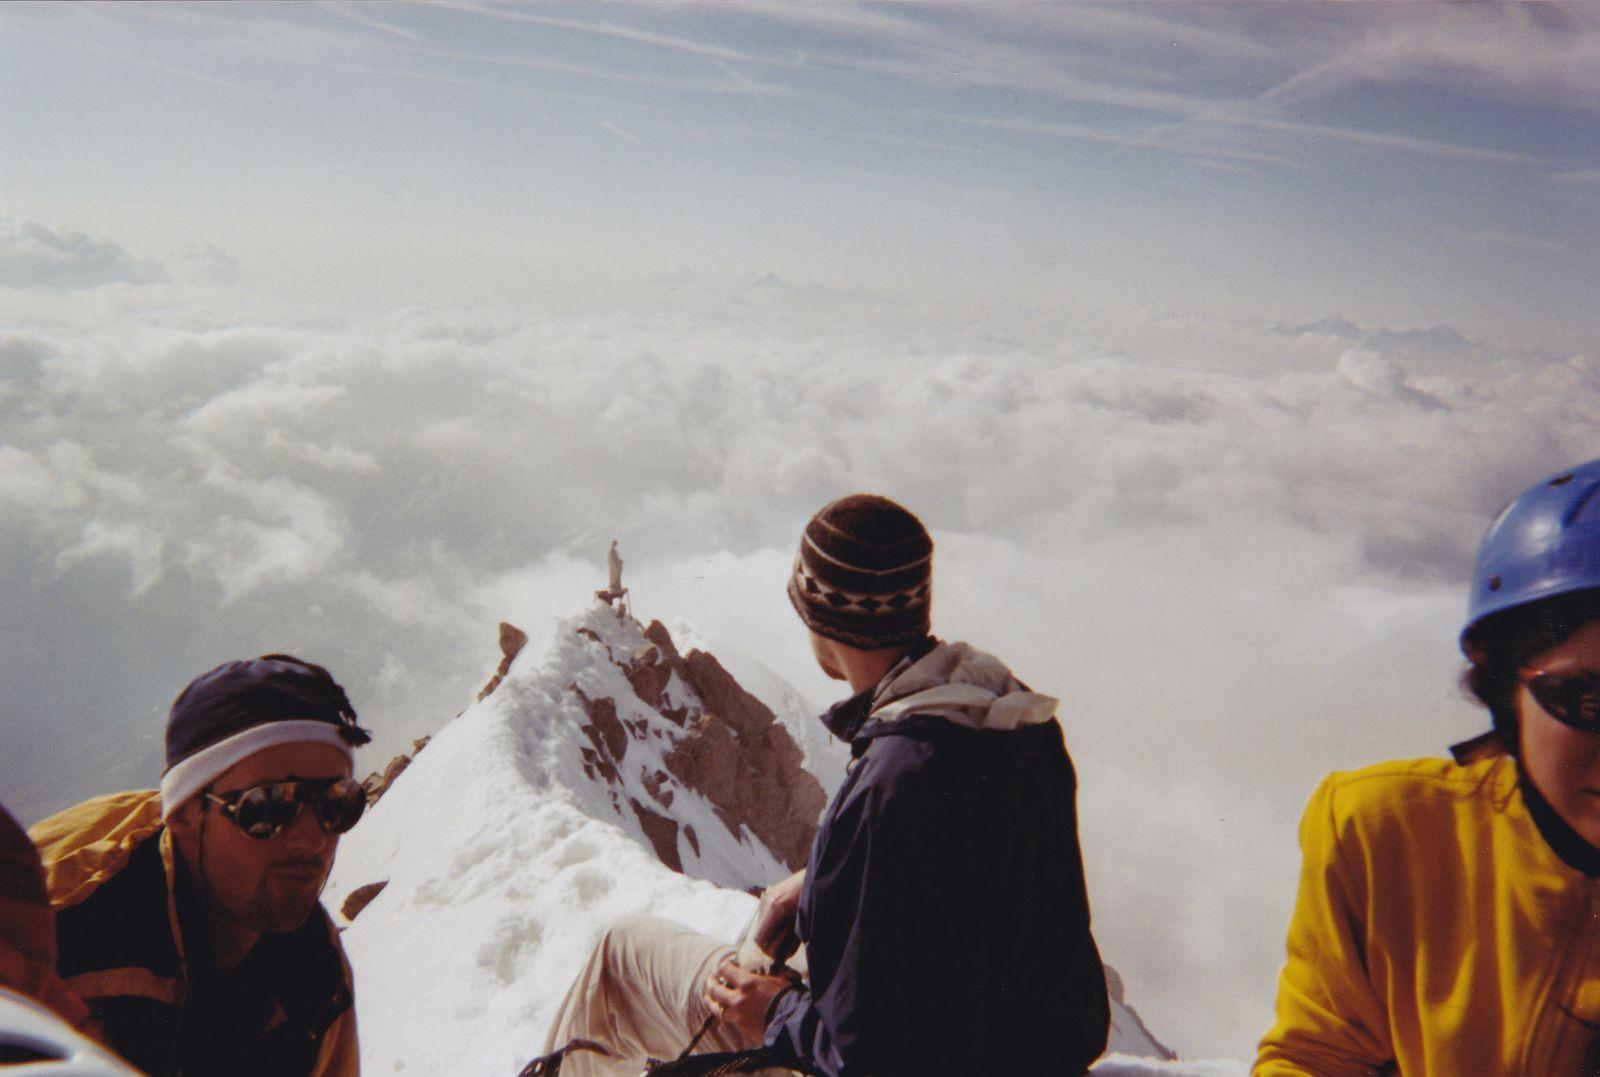 Mont Dolent: Arête Gallet en traversée.